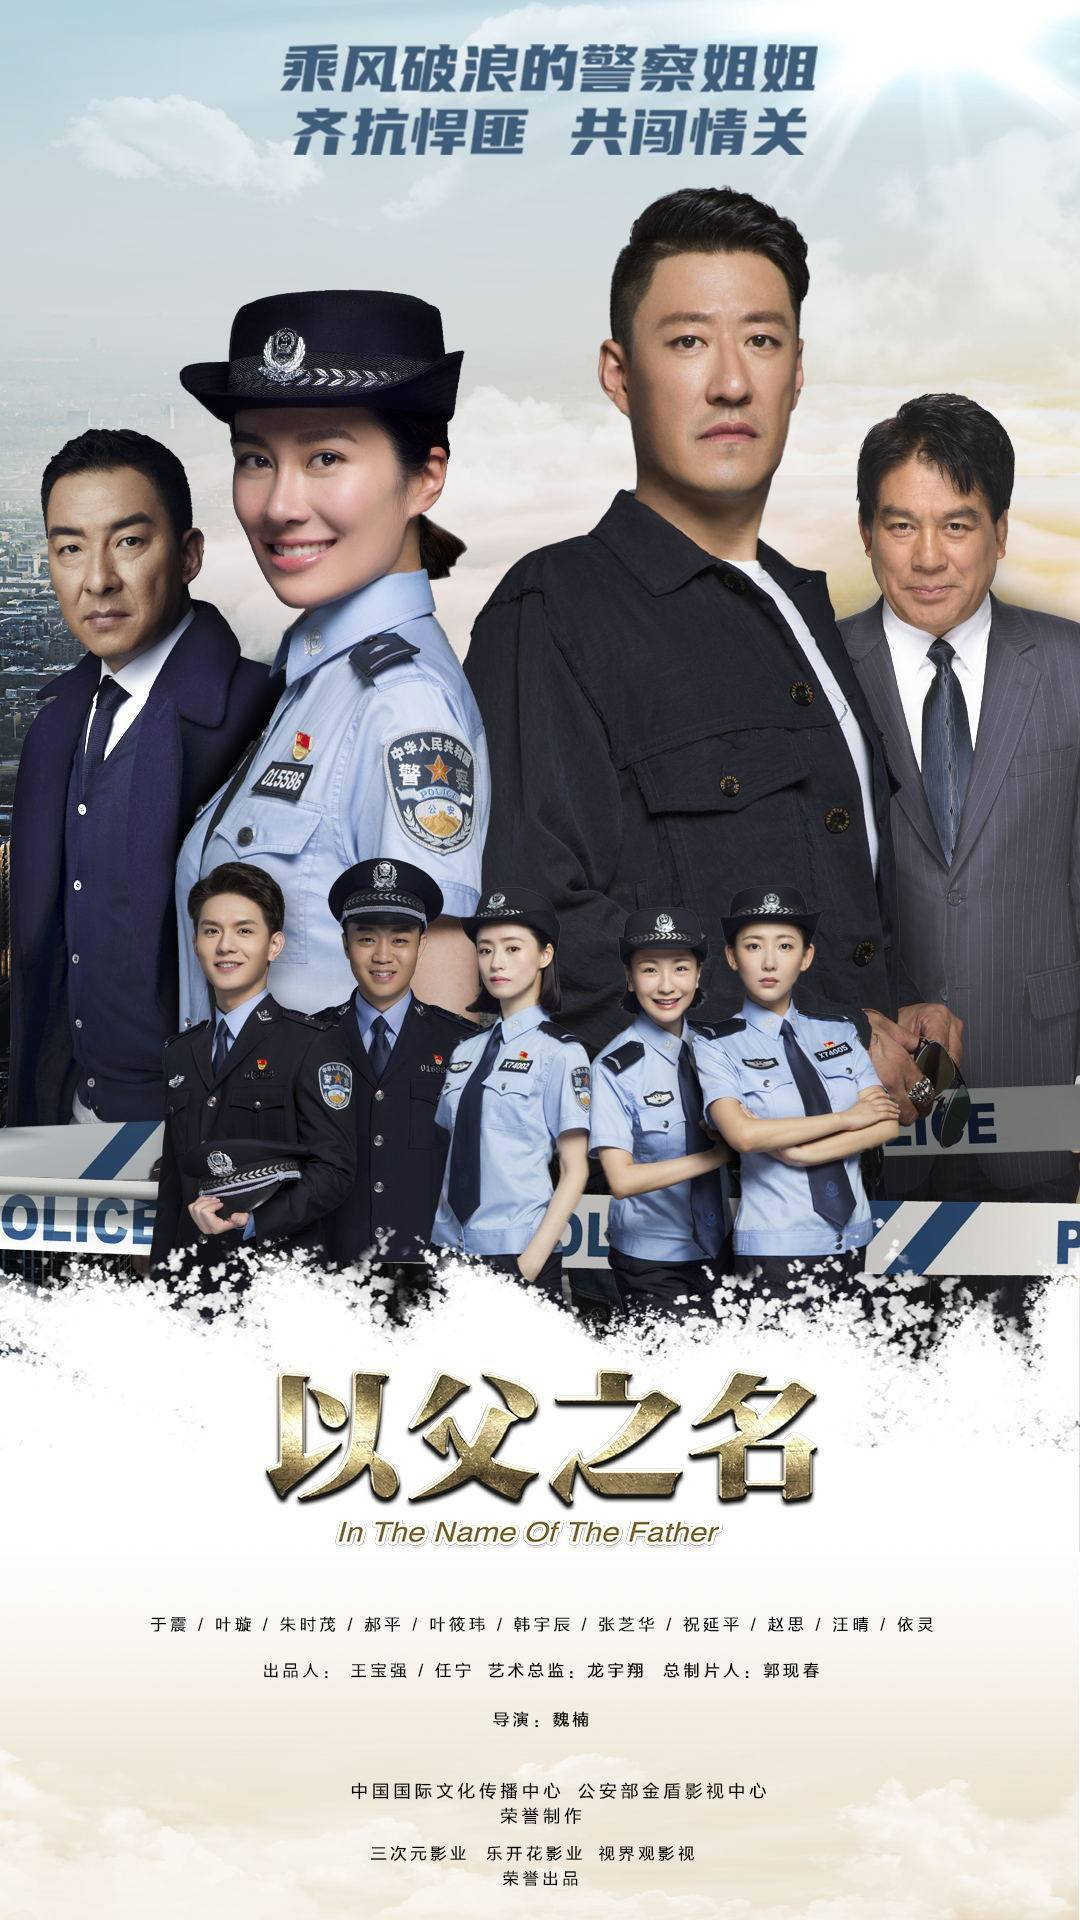 钛媒体专访叶璇:《以父之名》是一个讲述女性灵魂独立的成长剧